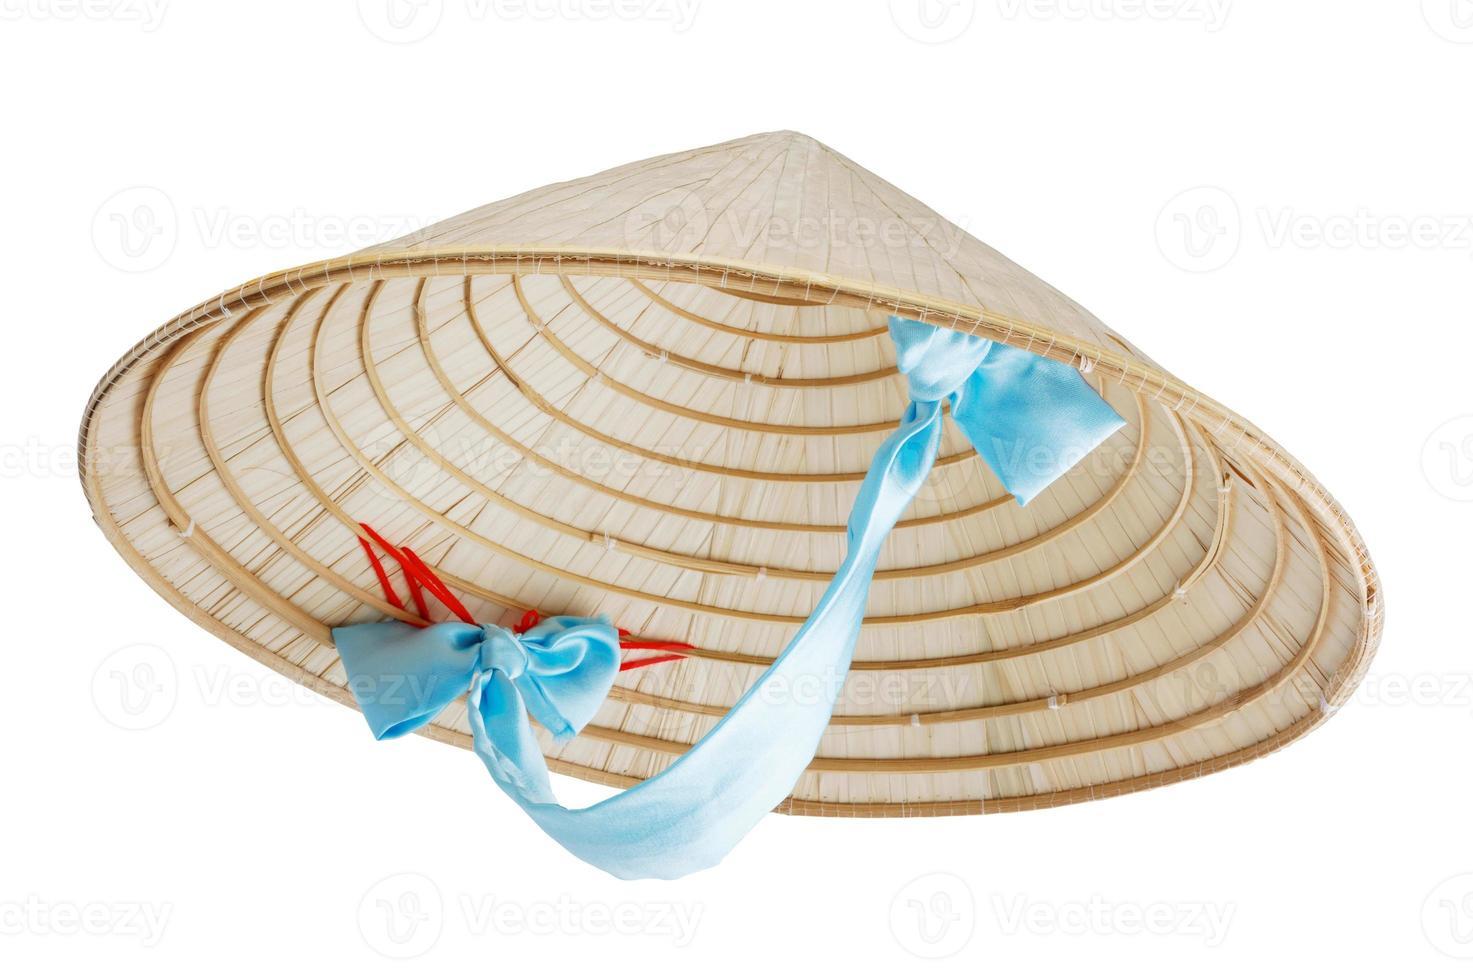 chapeau conique vietnamien photo